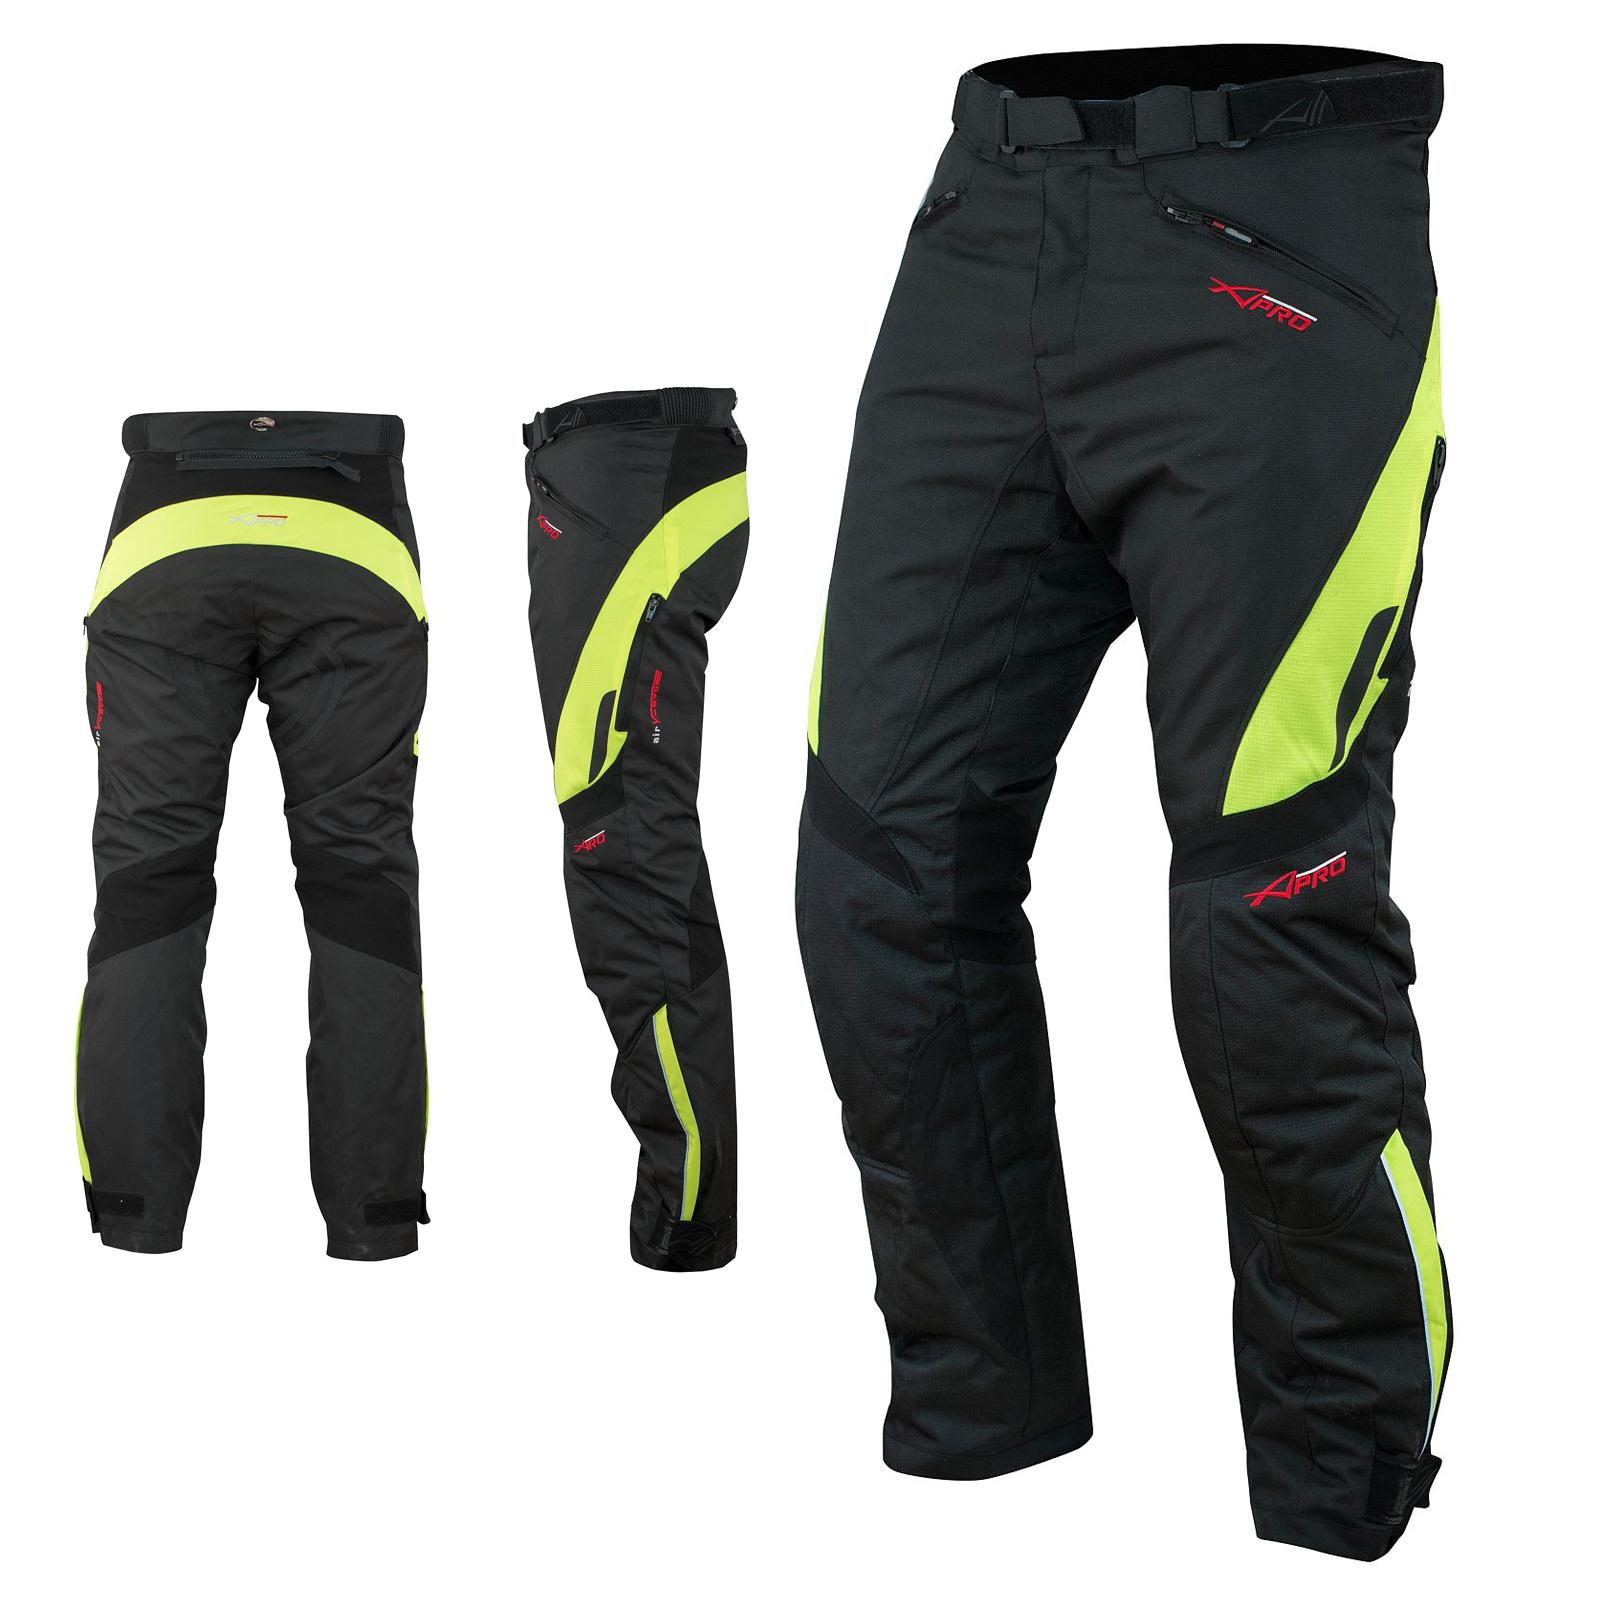 Pantalon-Impermeable-Homme-Protections-CE-Thermique-Motard-Reflechissant-Moto miniature 11